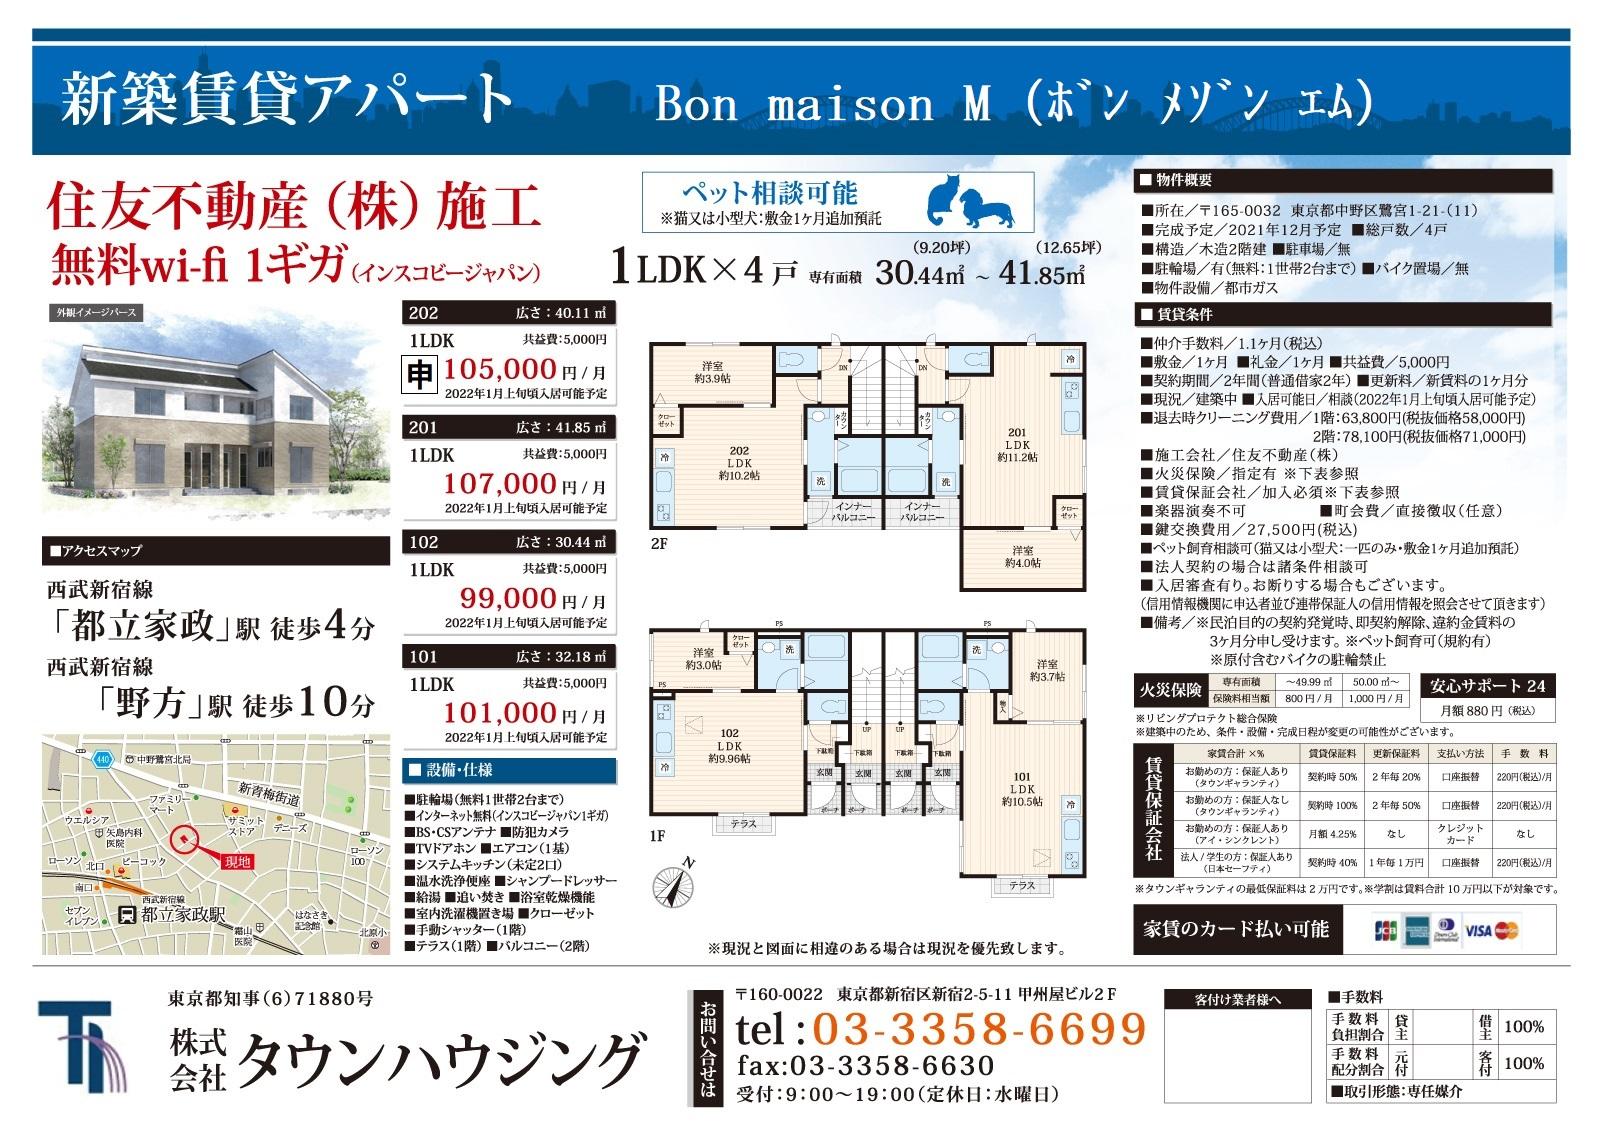 西武新宿線 都立家政駅 徒歩4分 1LDK ペット相談可